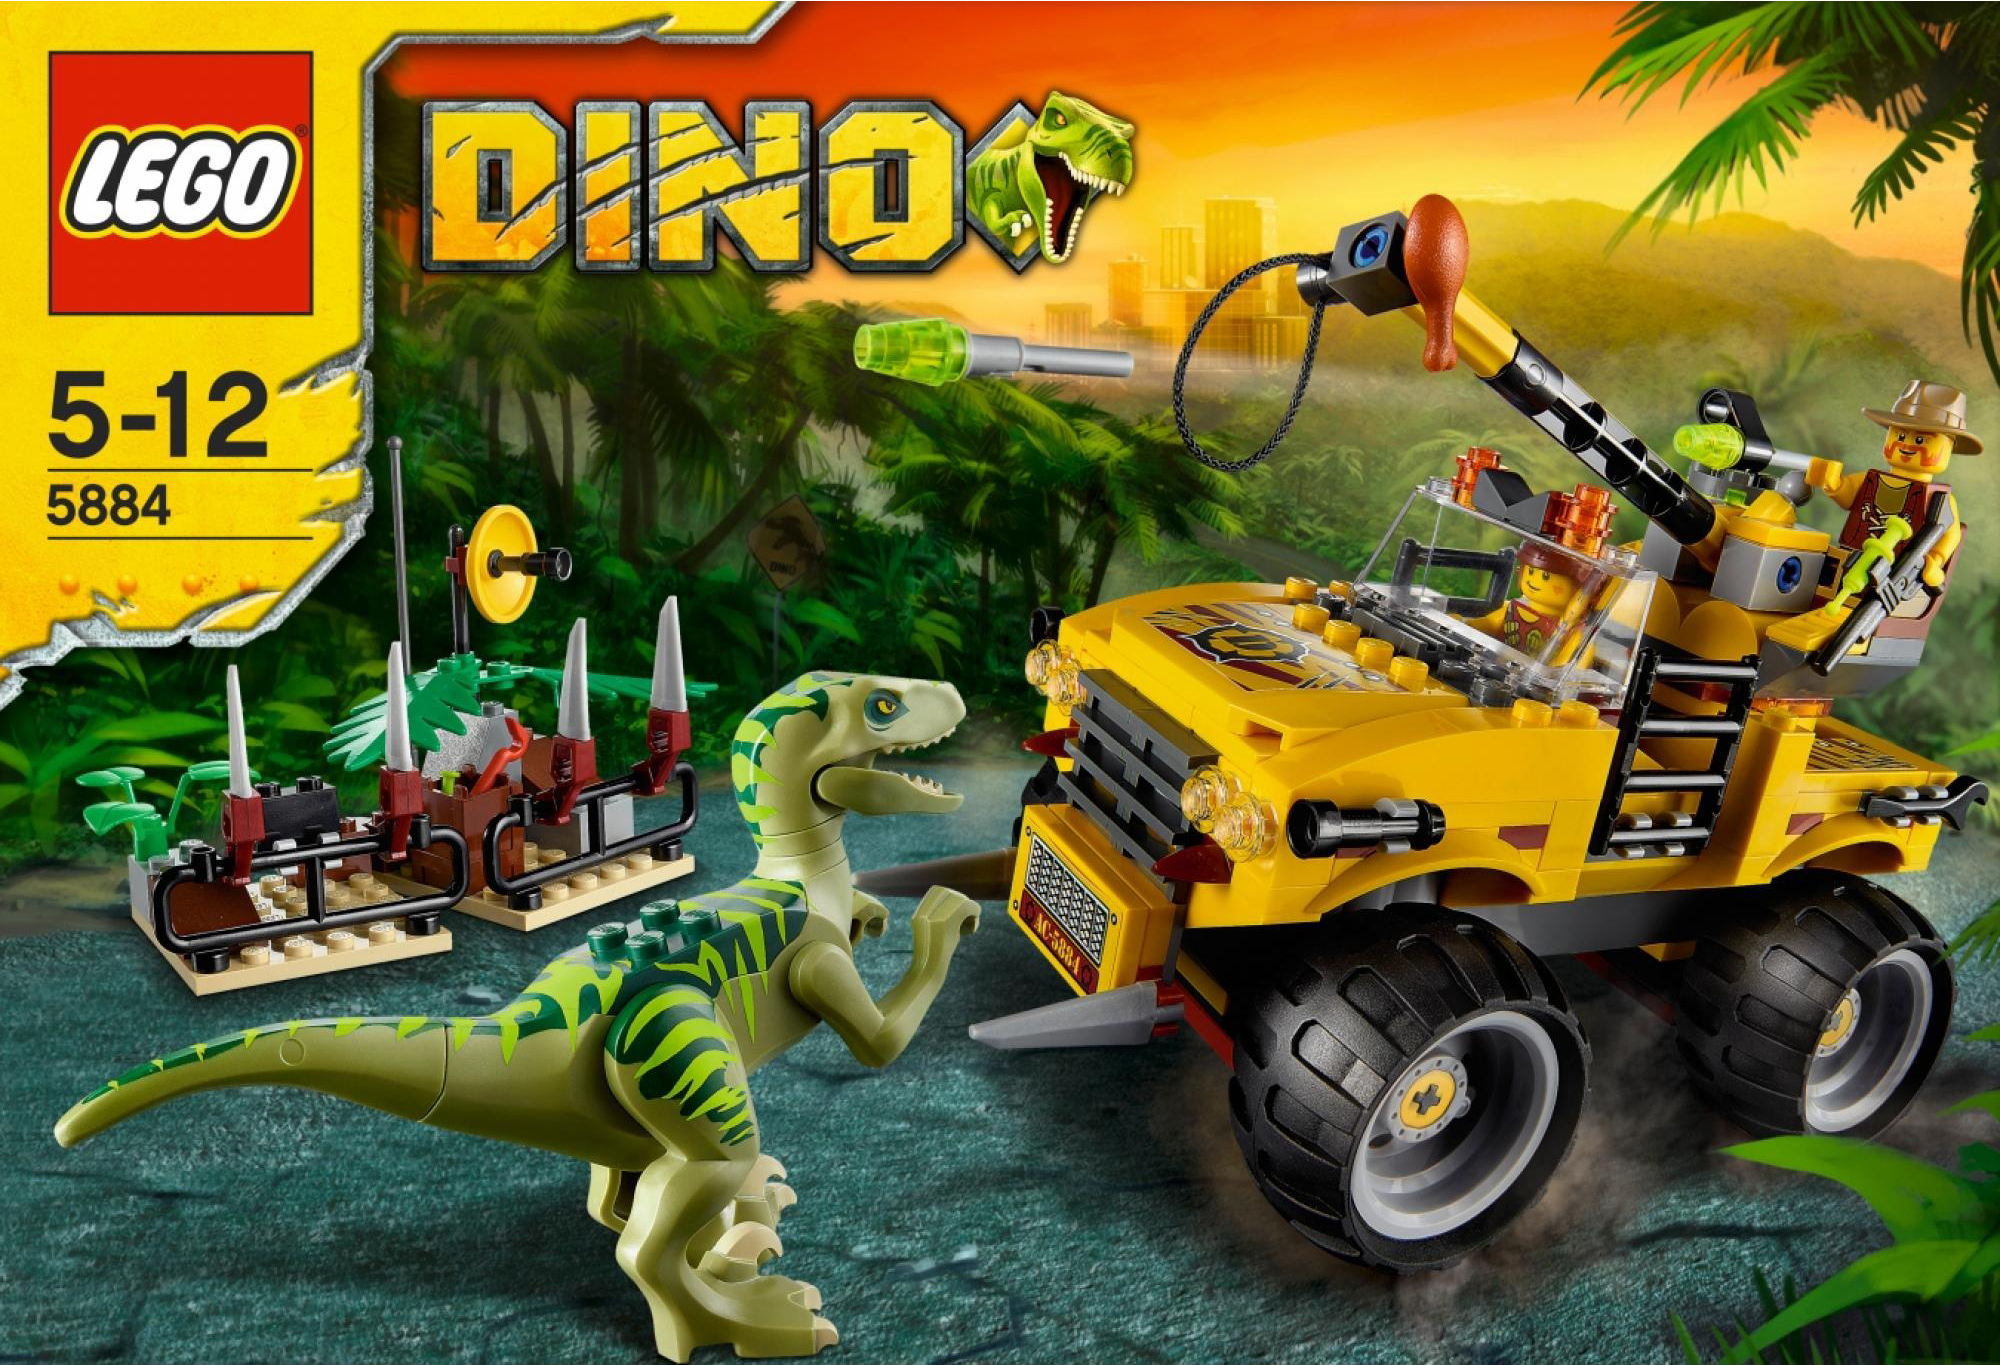 Lego Dino Set Guide News And Reviews The Brick Life